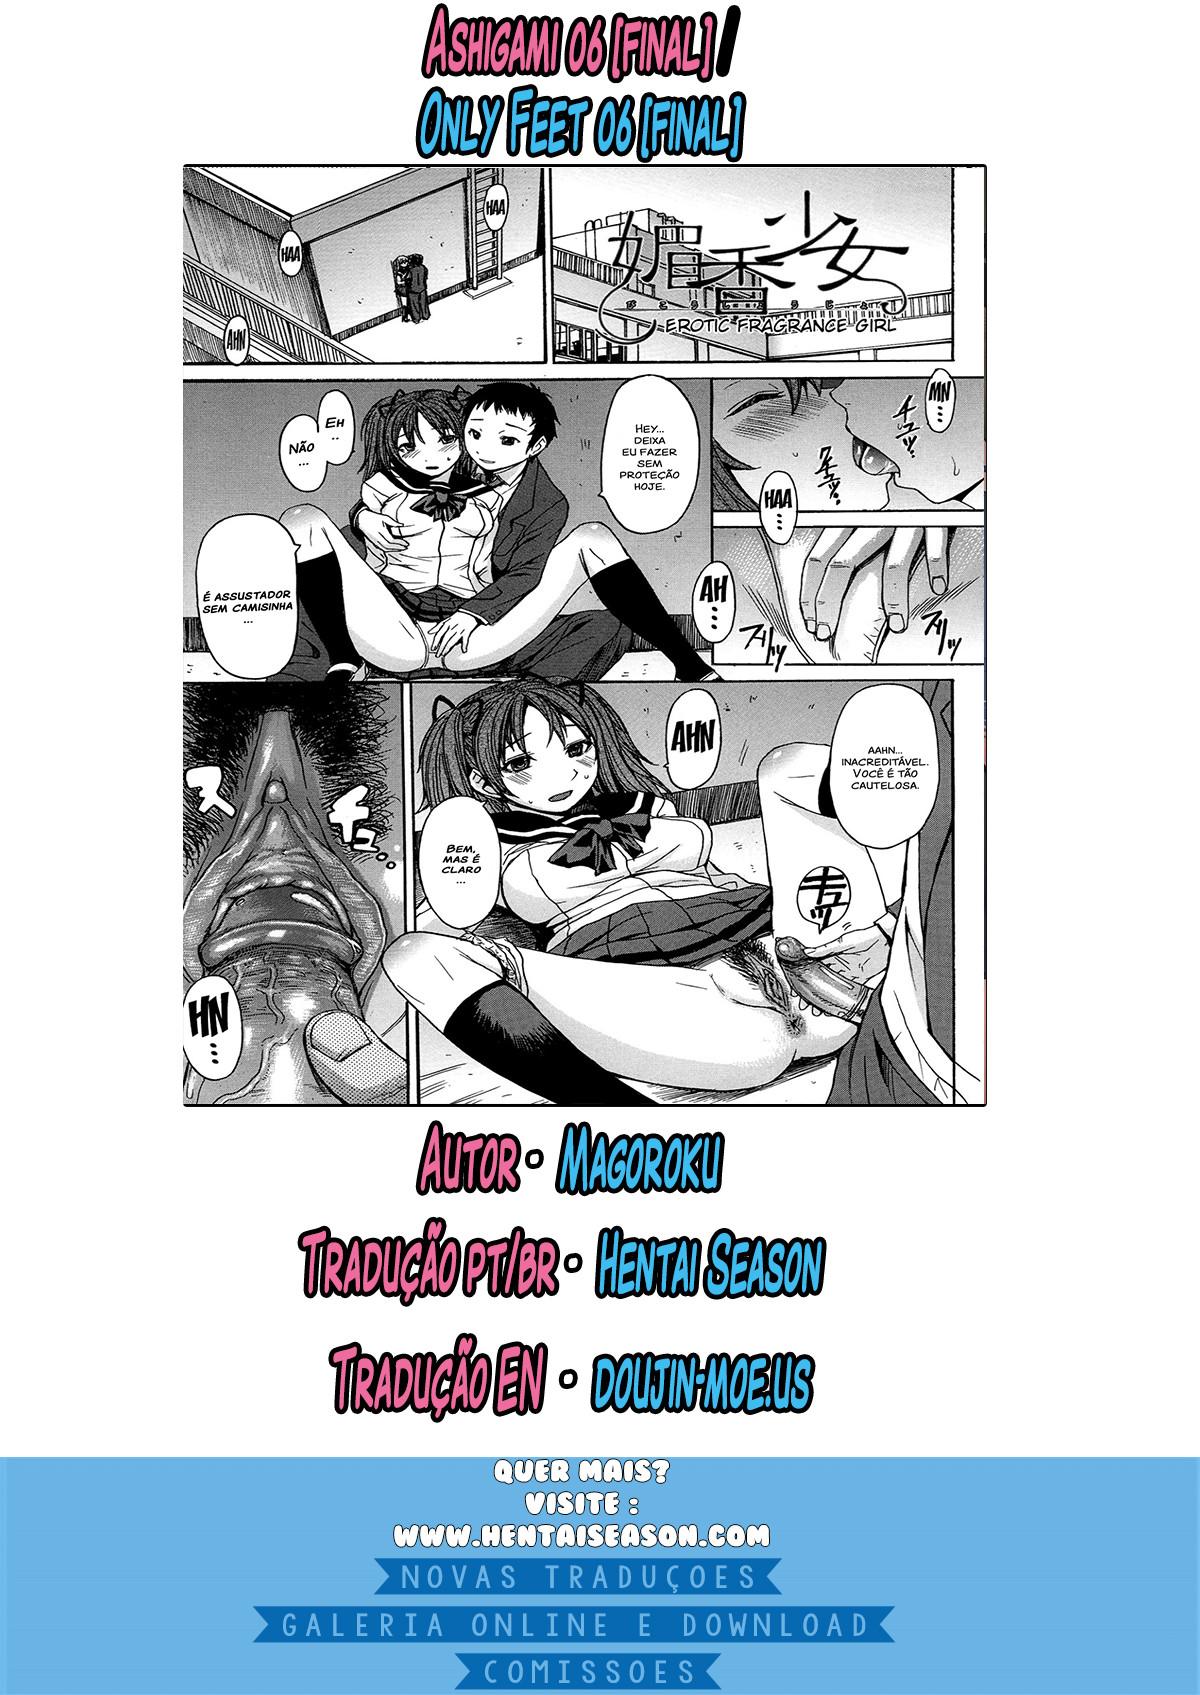 Ashigami Capitulo 6 - pagina 39